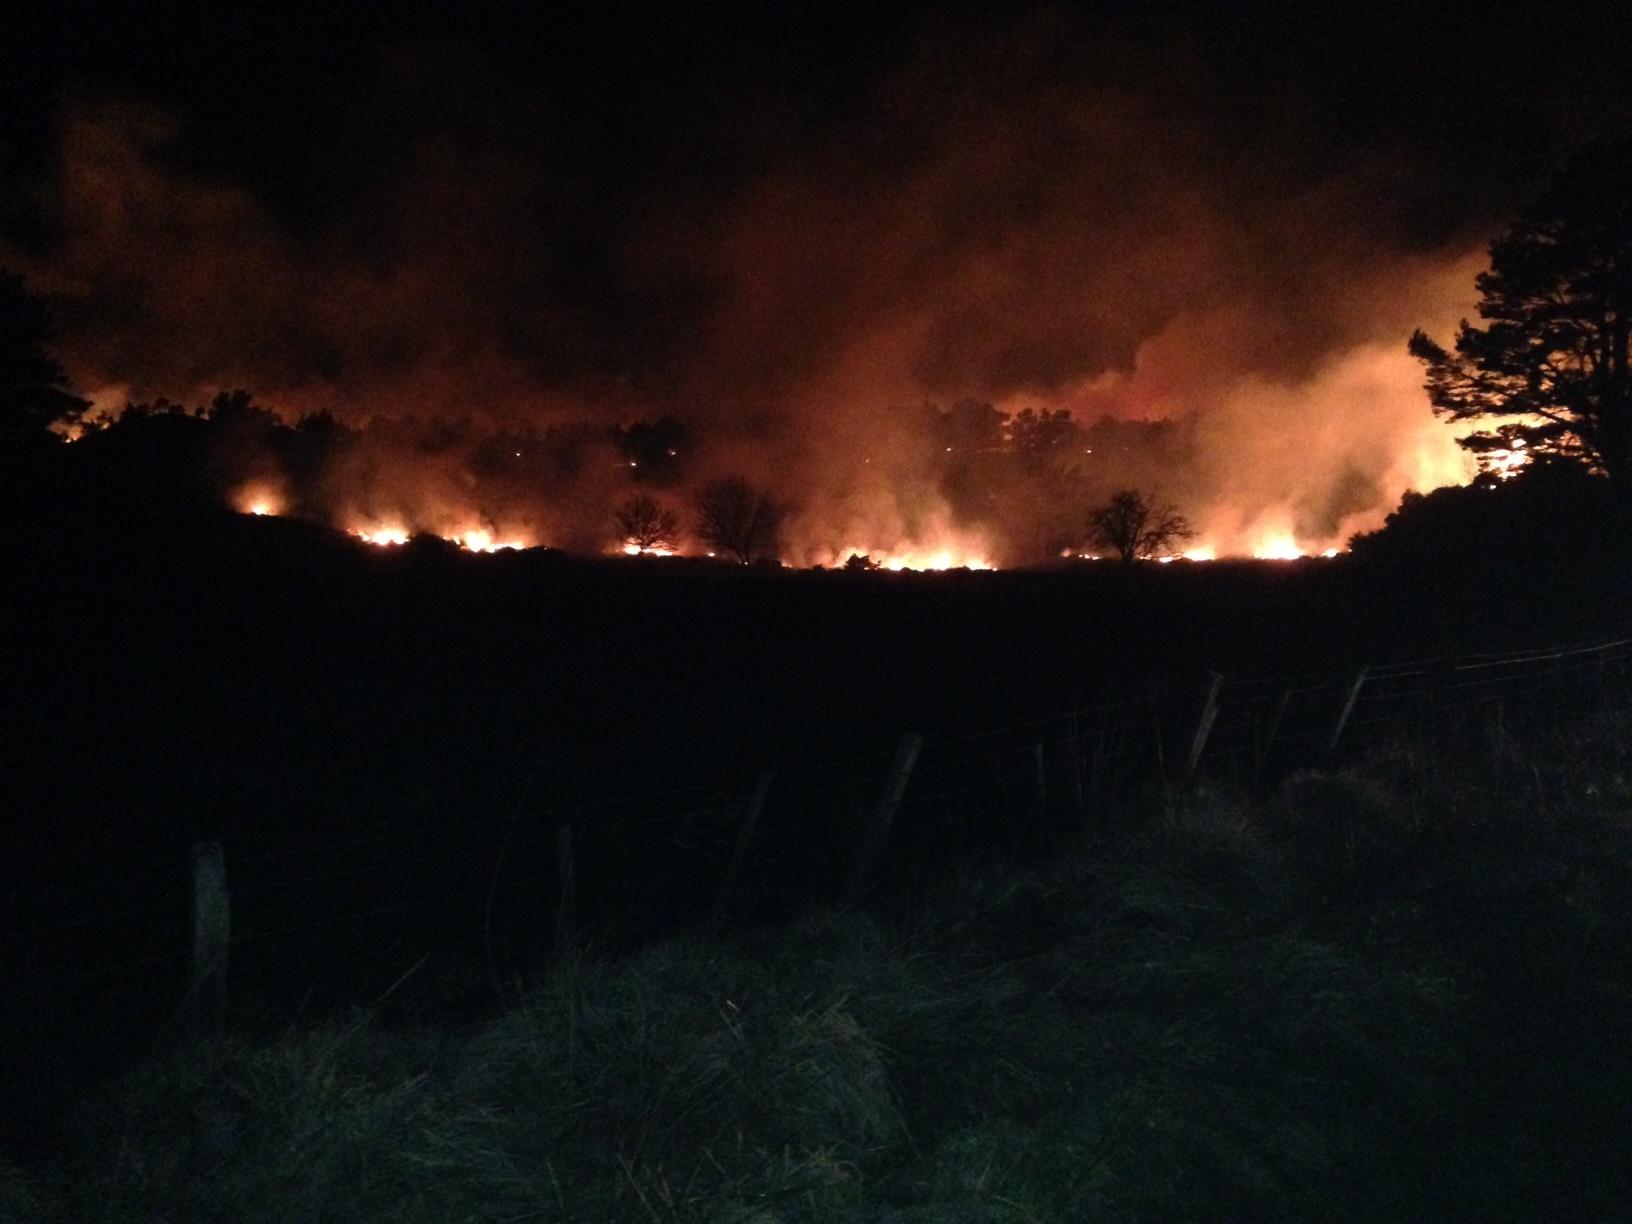 The wildfire at Dornoch